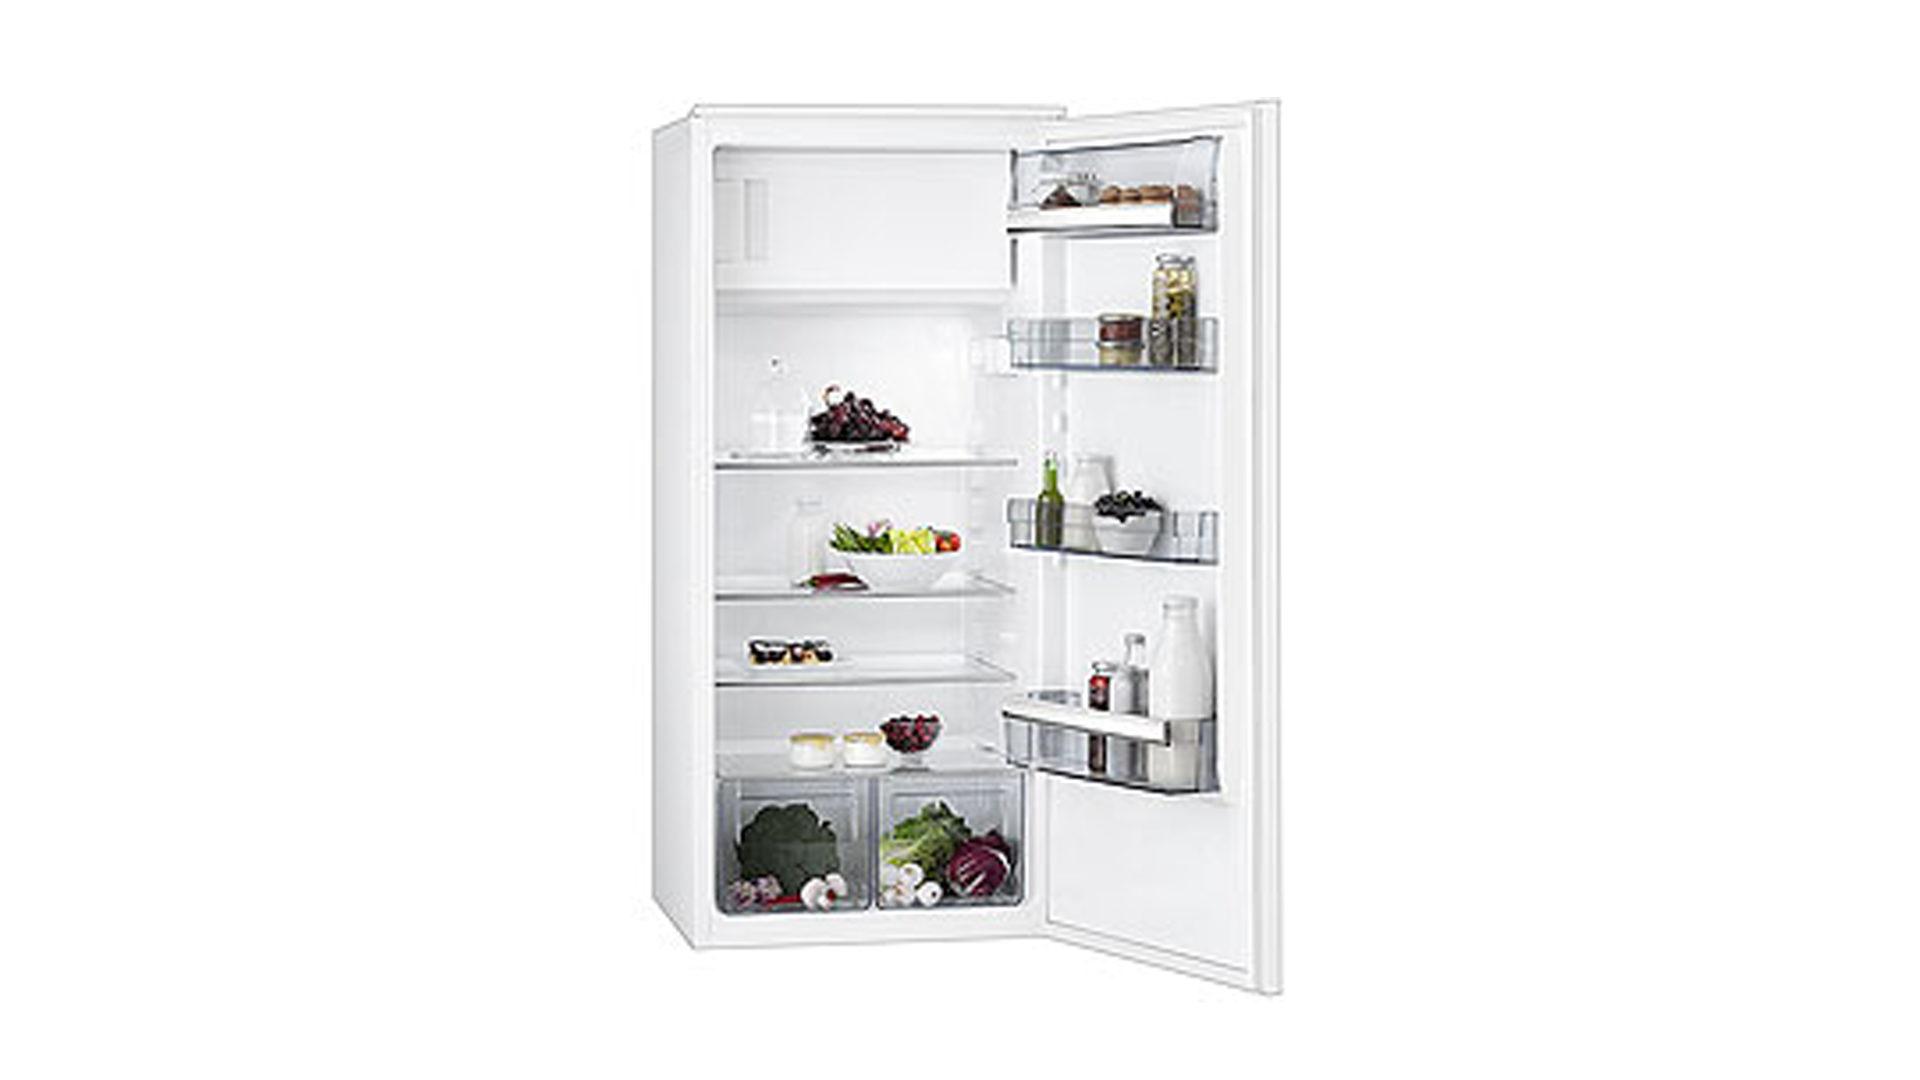 Kühlschrank Electrolux : Aeg kühlschrank sd s mit gefrierfach nutzinhalt ca liter